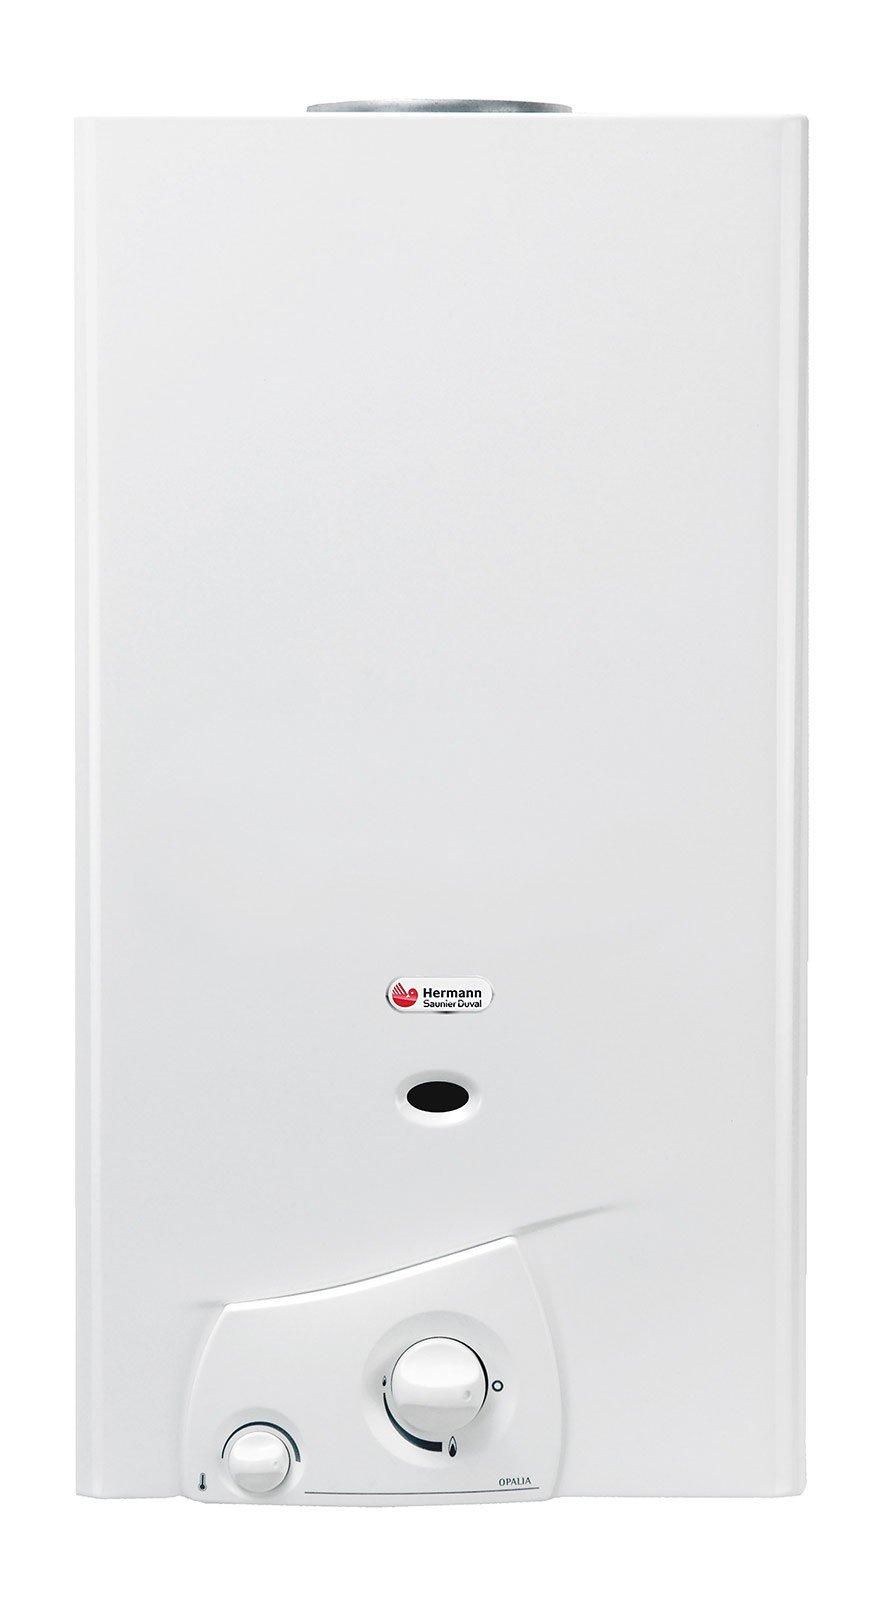 Scaldabagno elettrico dimensioni ridotte termosifoni in ghisa scheda tecnica - Scaldabagno elettrico istantaneo prezzi ...